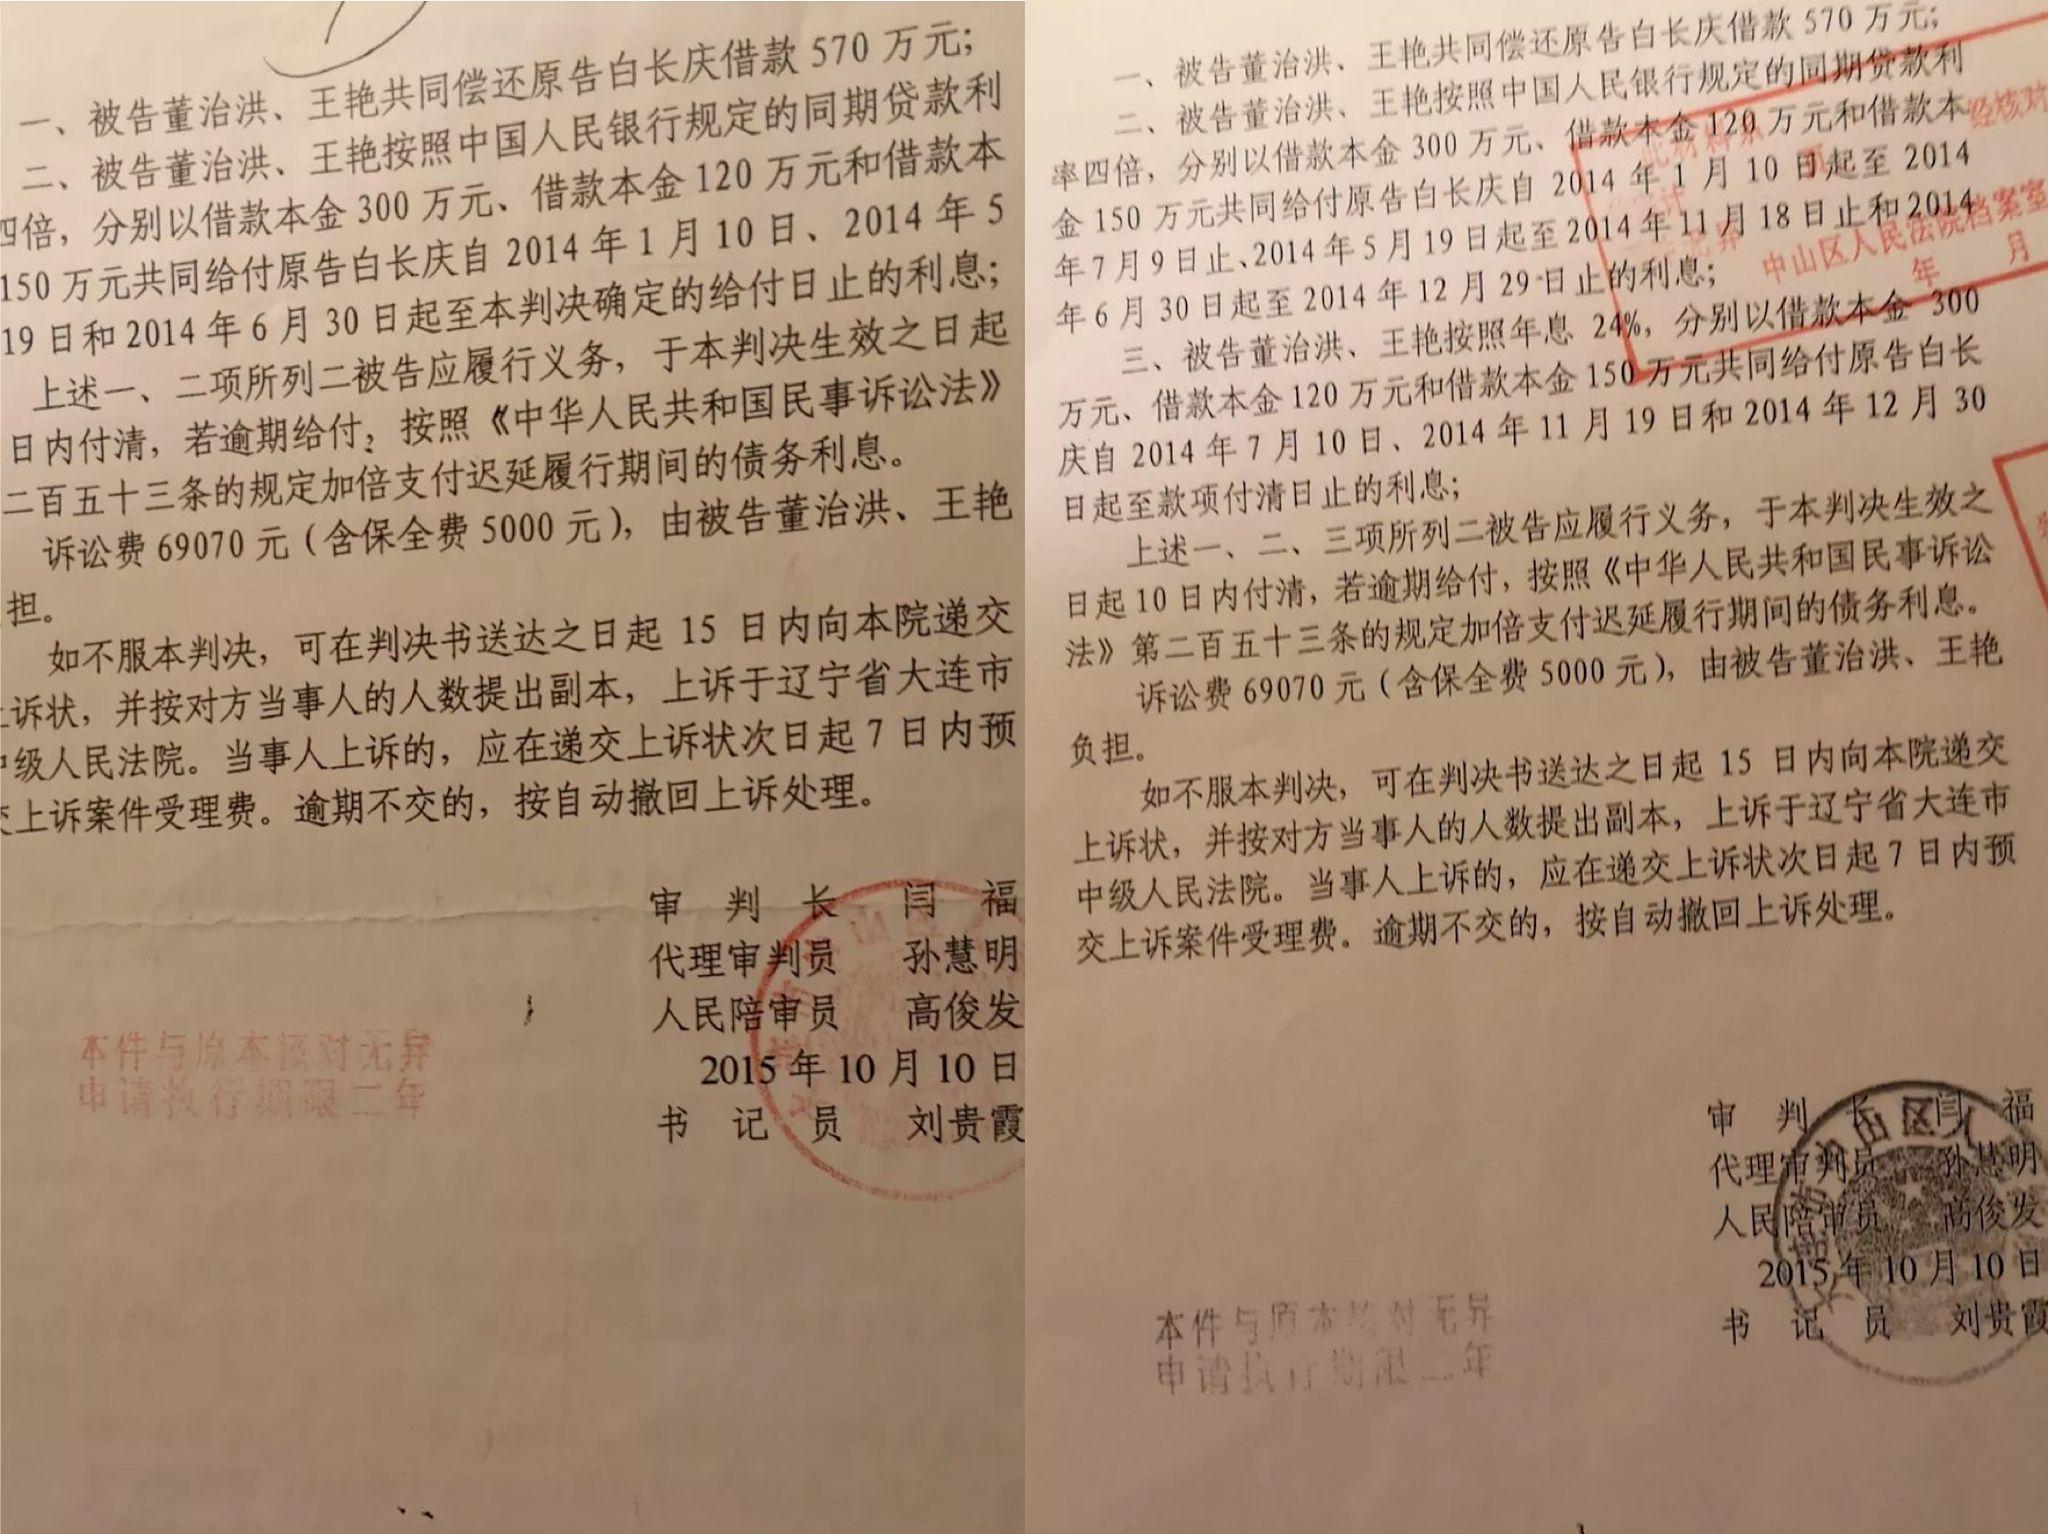 """必赢bwin手机app下载,广州或将建外卖骑手管理站,41家餐饮单位拟试点网上""""明厨亮灶"""""""